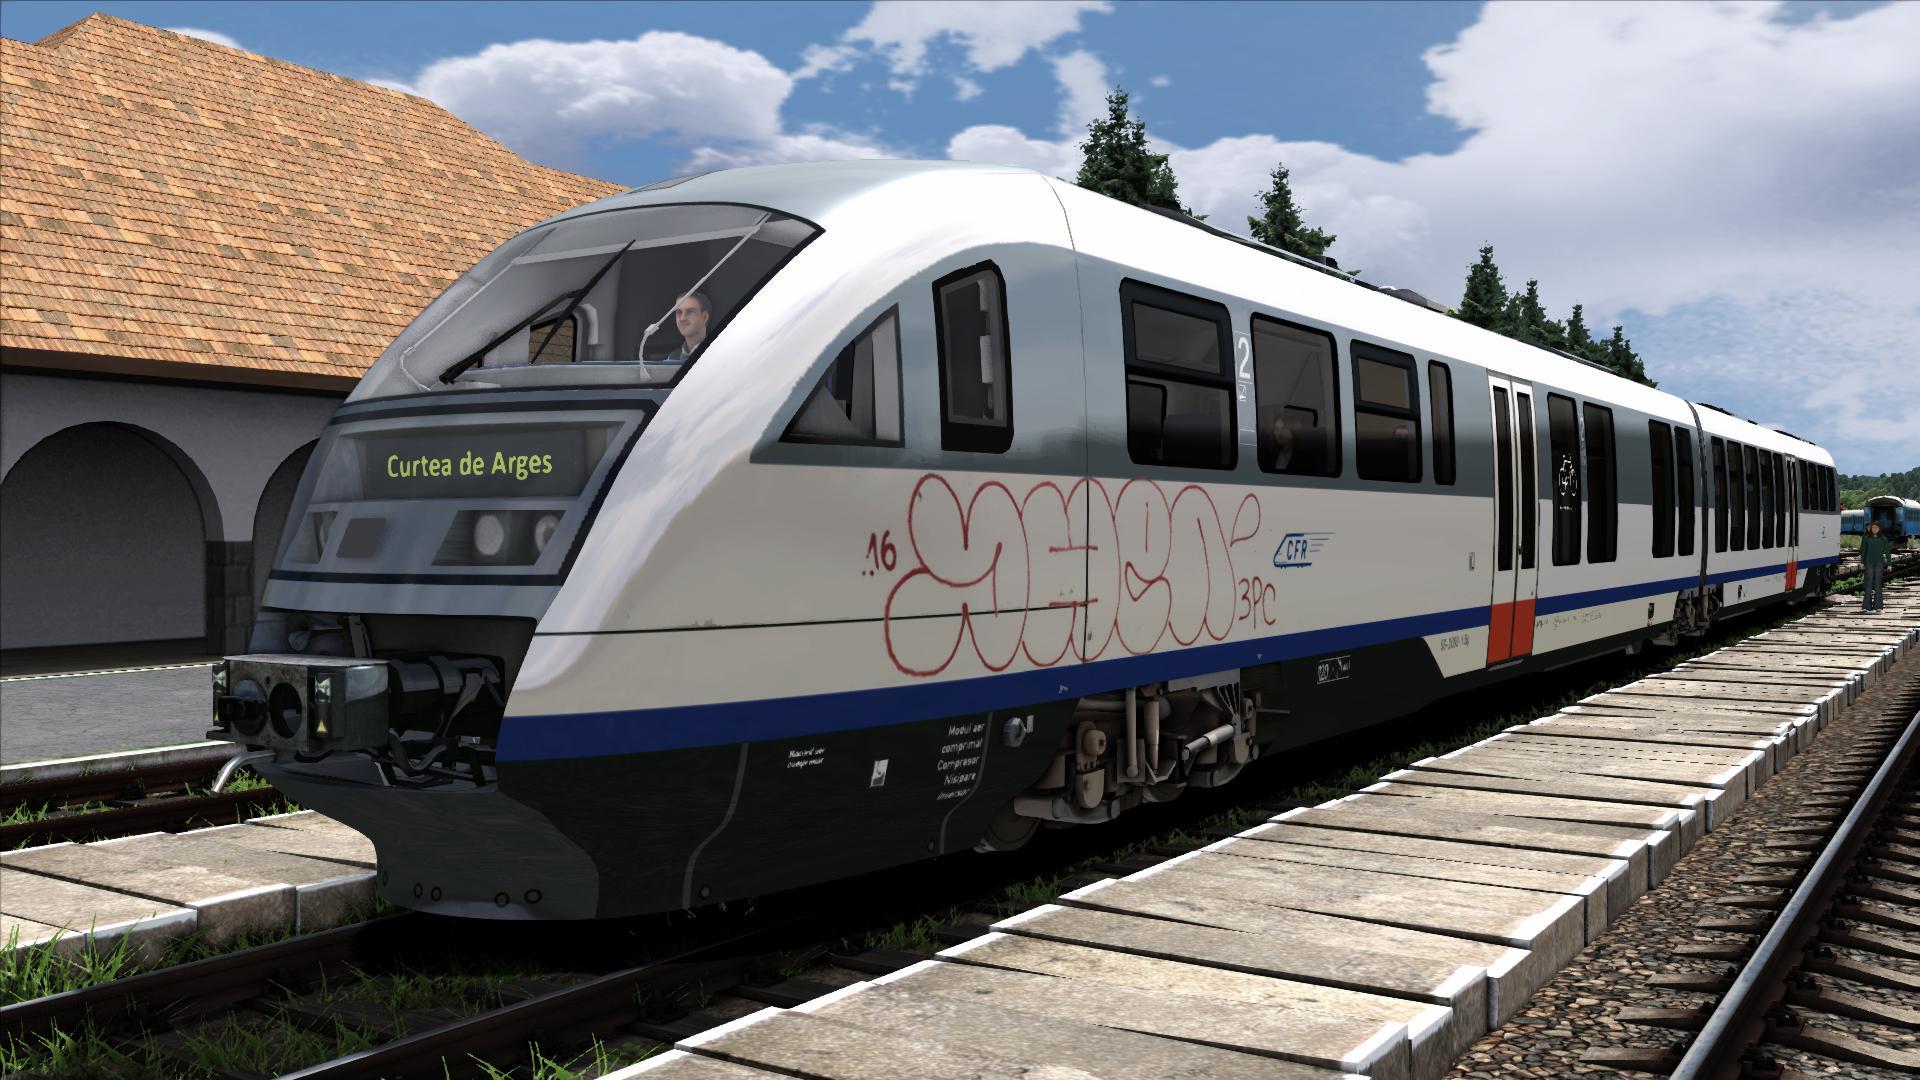 Railworks64 2020-06-20 02-52-54-80